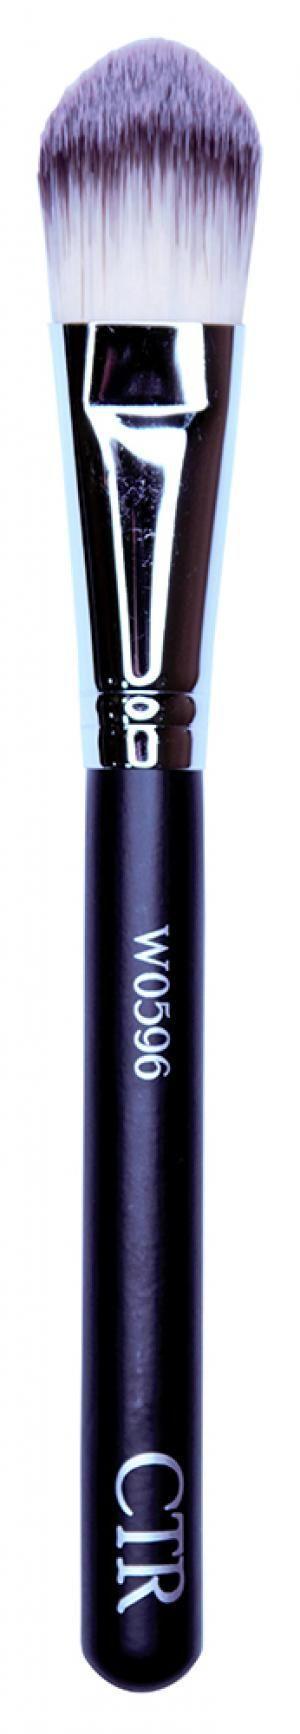 Кисть для предоставления тона ворс синтетика W0596 - 00-00011537